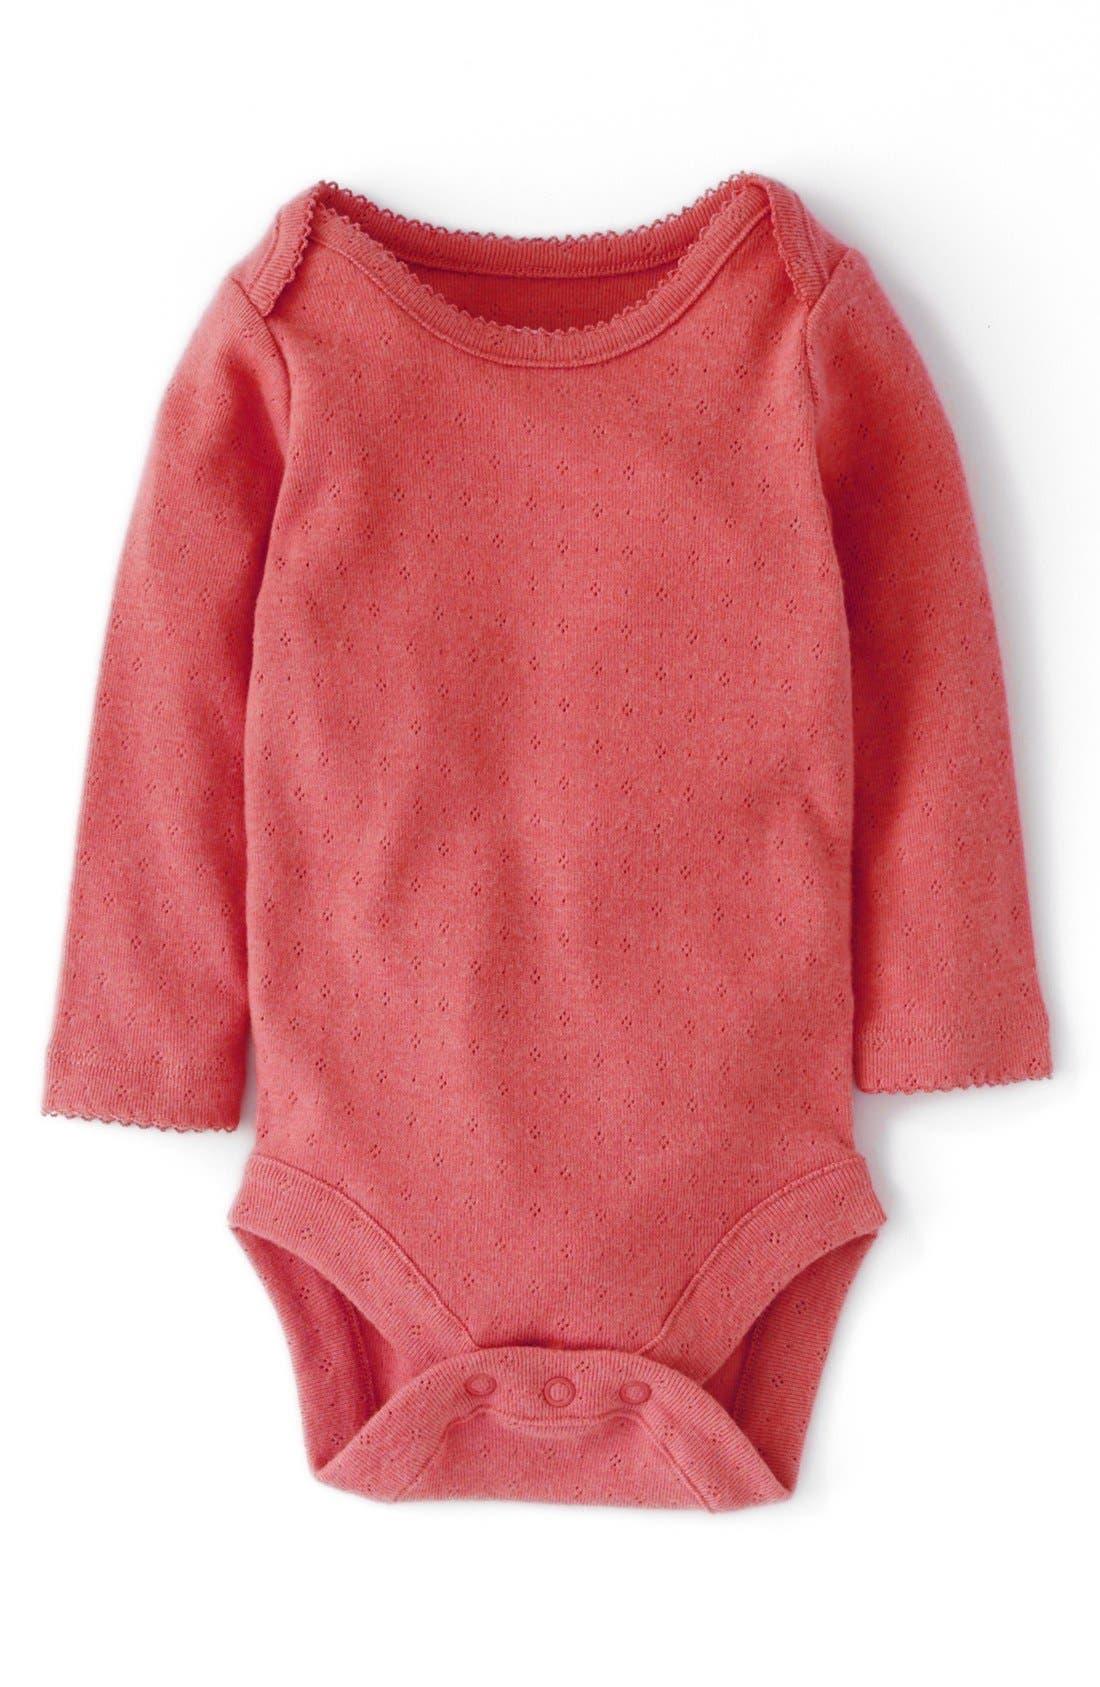 Alternate Image 1 Selected - Mini Boden Pointelle Bodysuit (Baby Girls)